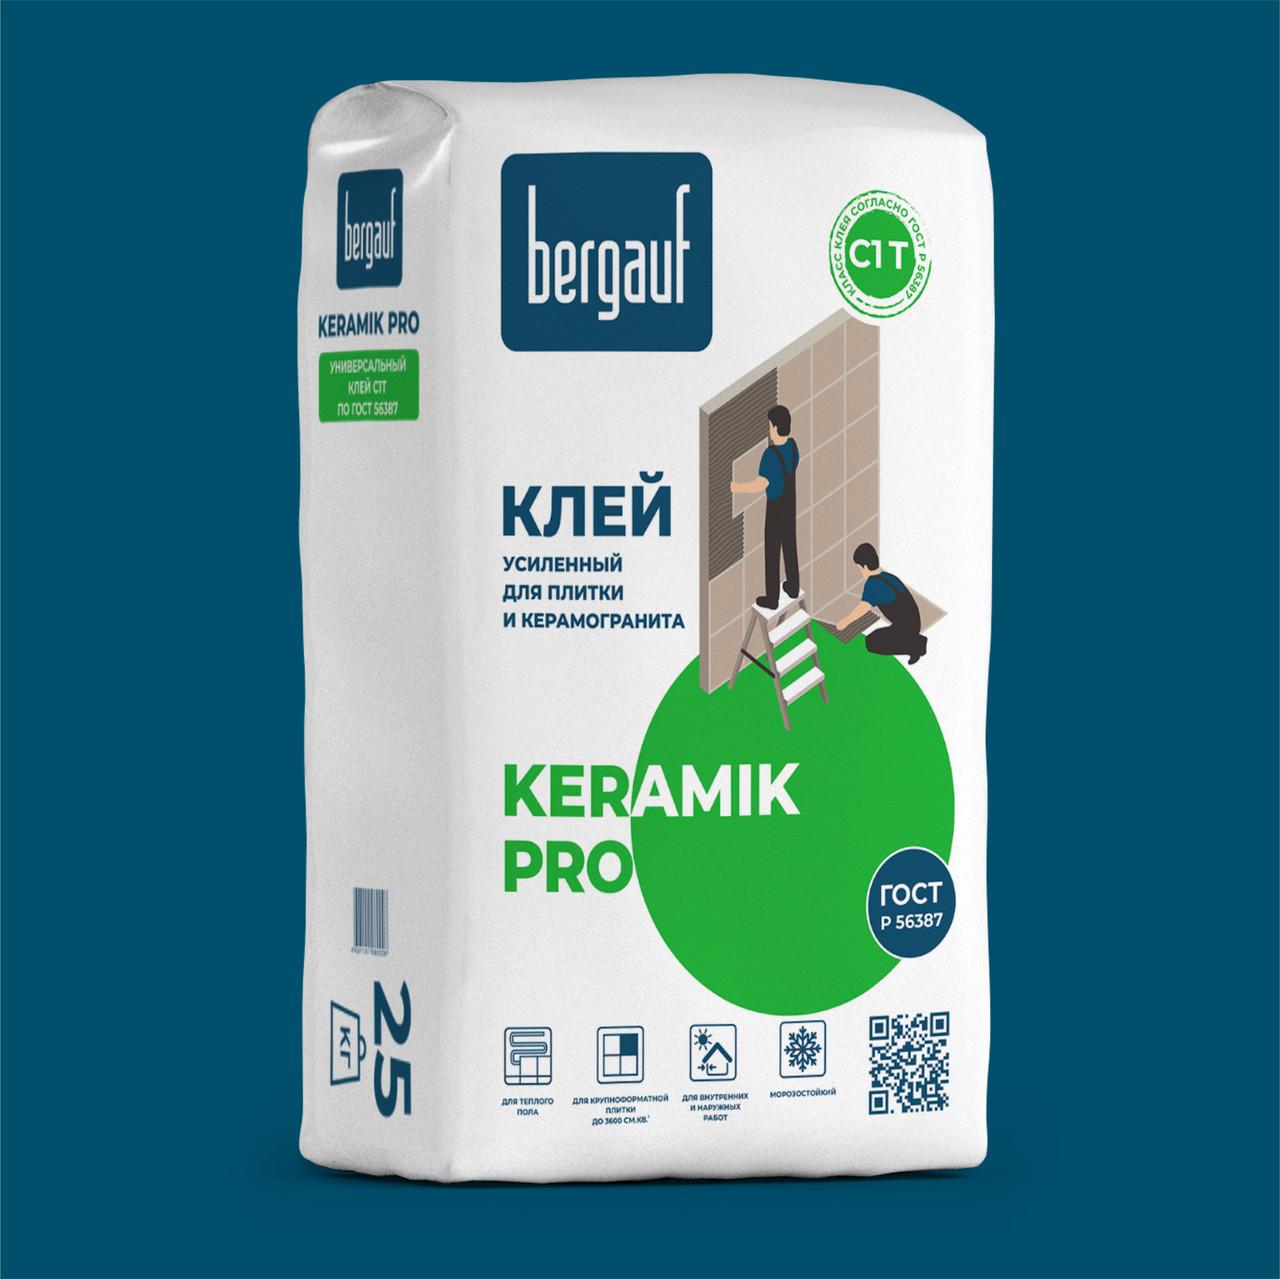 Клей усиленный KERAMIK PRO С1, для керамической плитки, 25 кг, Bergauf